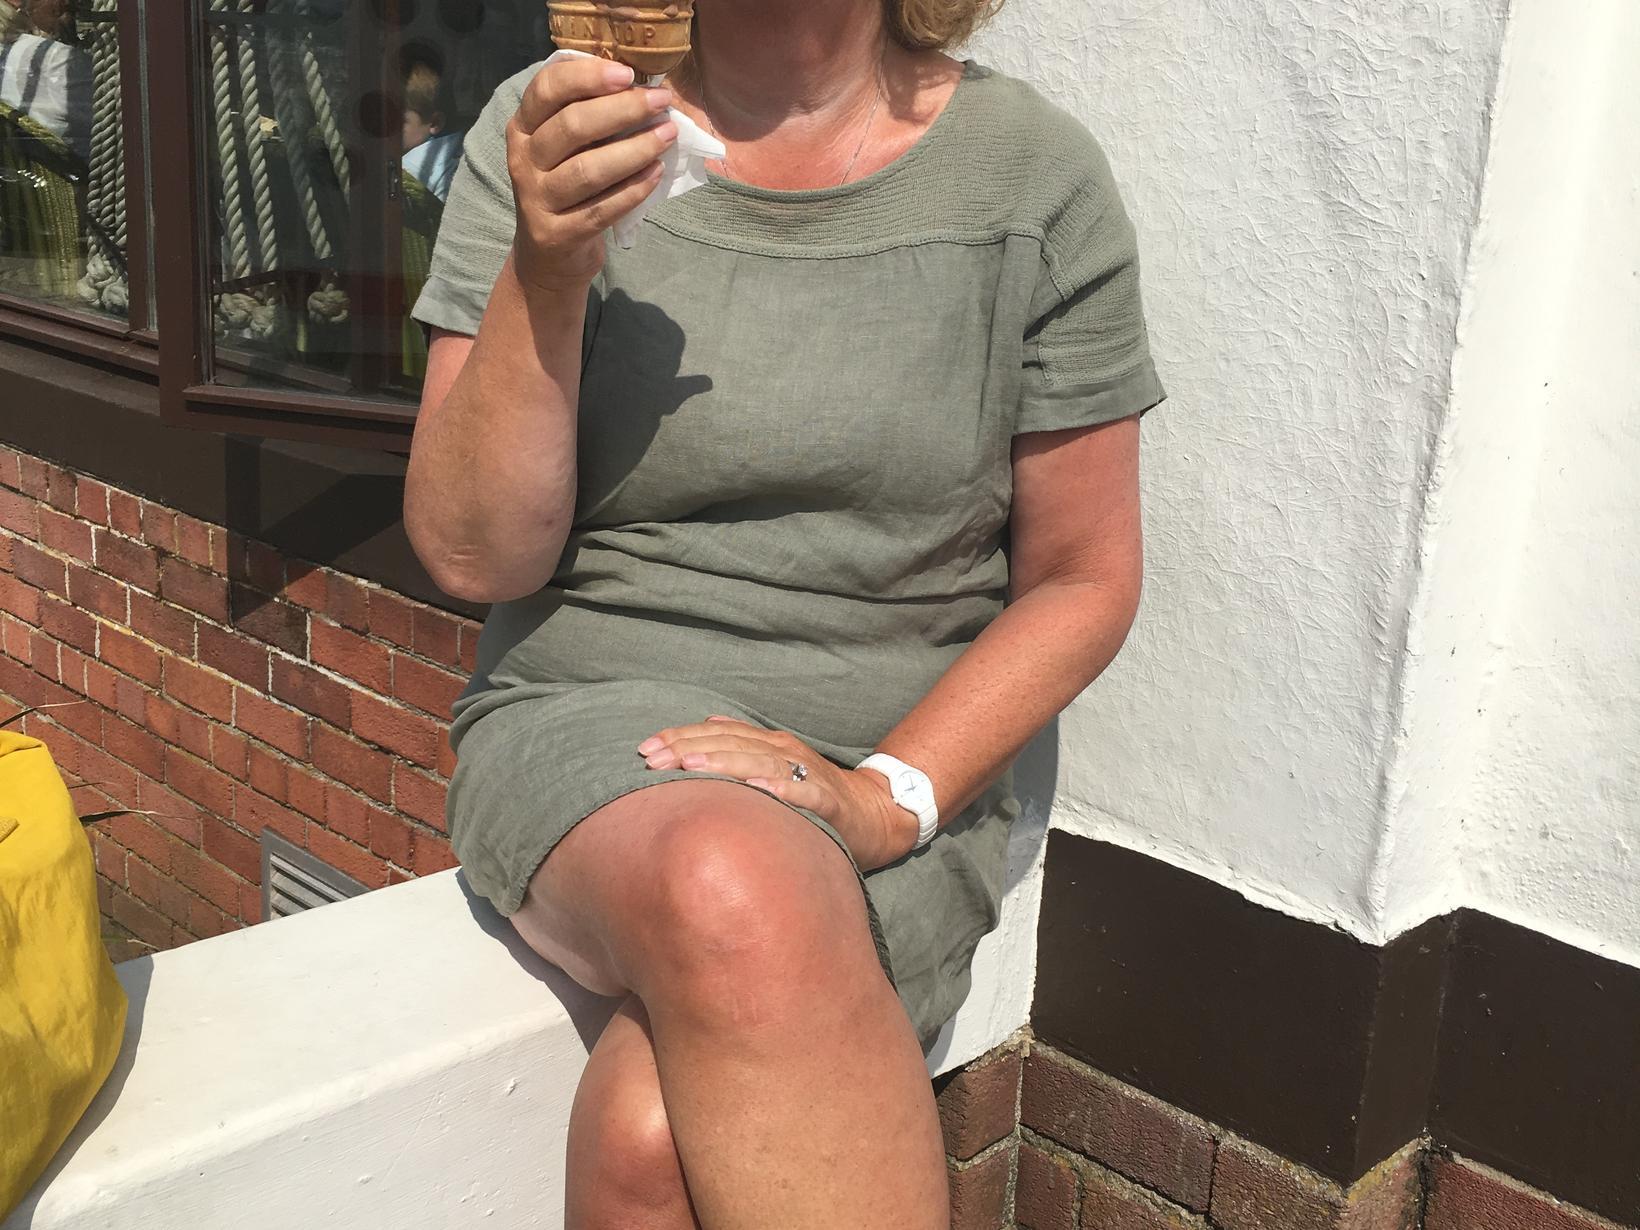 Ann marie from Ayr, United Kingdom